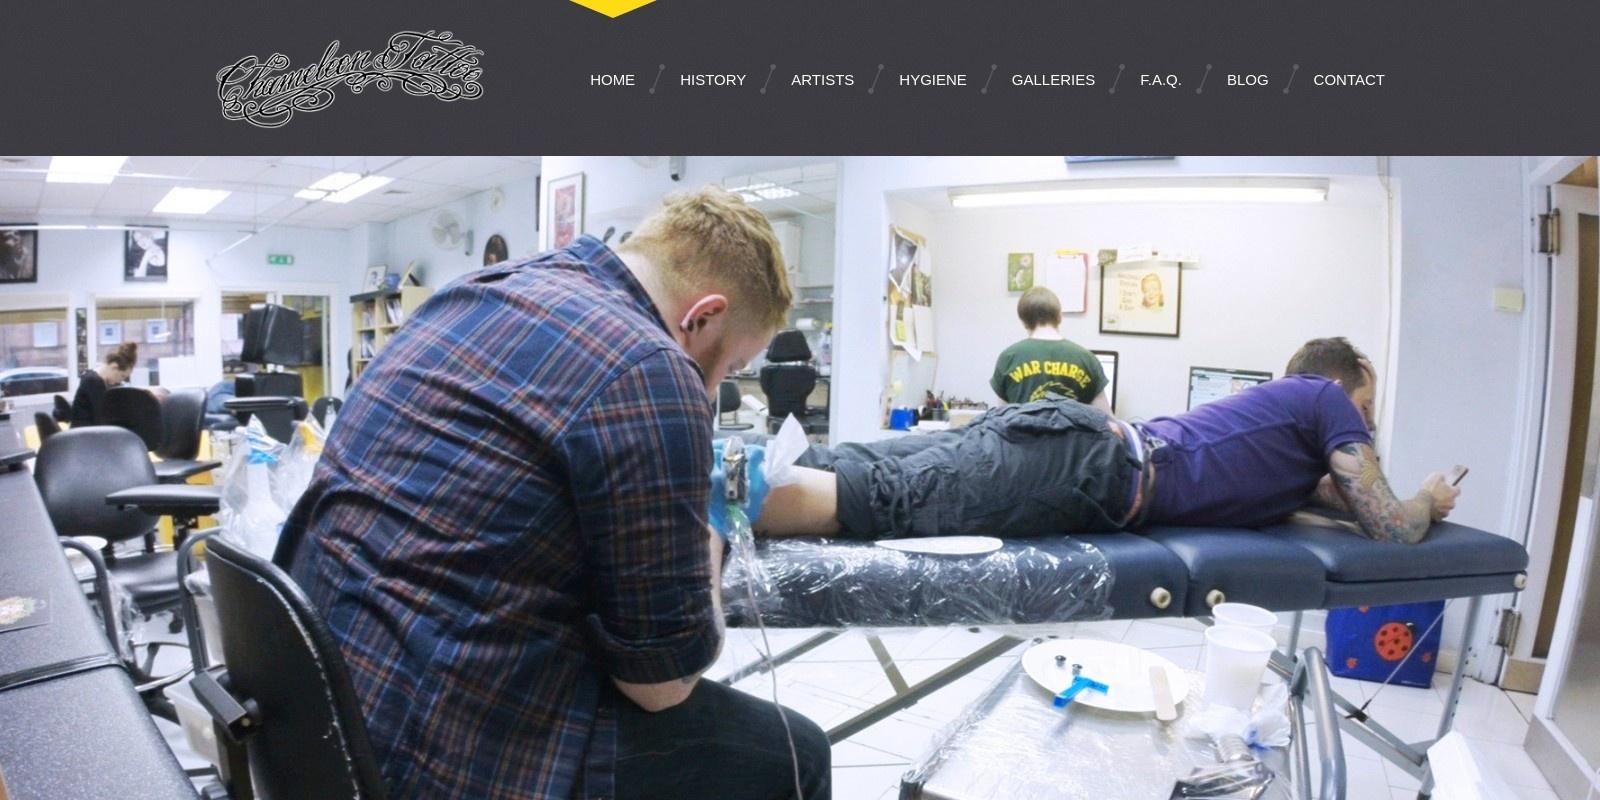 Preview of http://www.tattoochameleon.co.uk